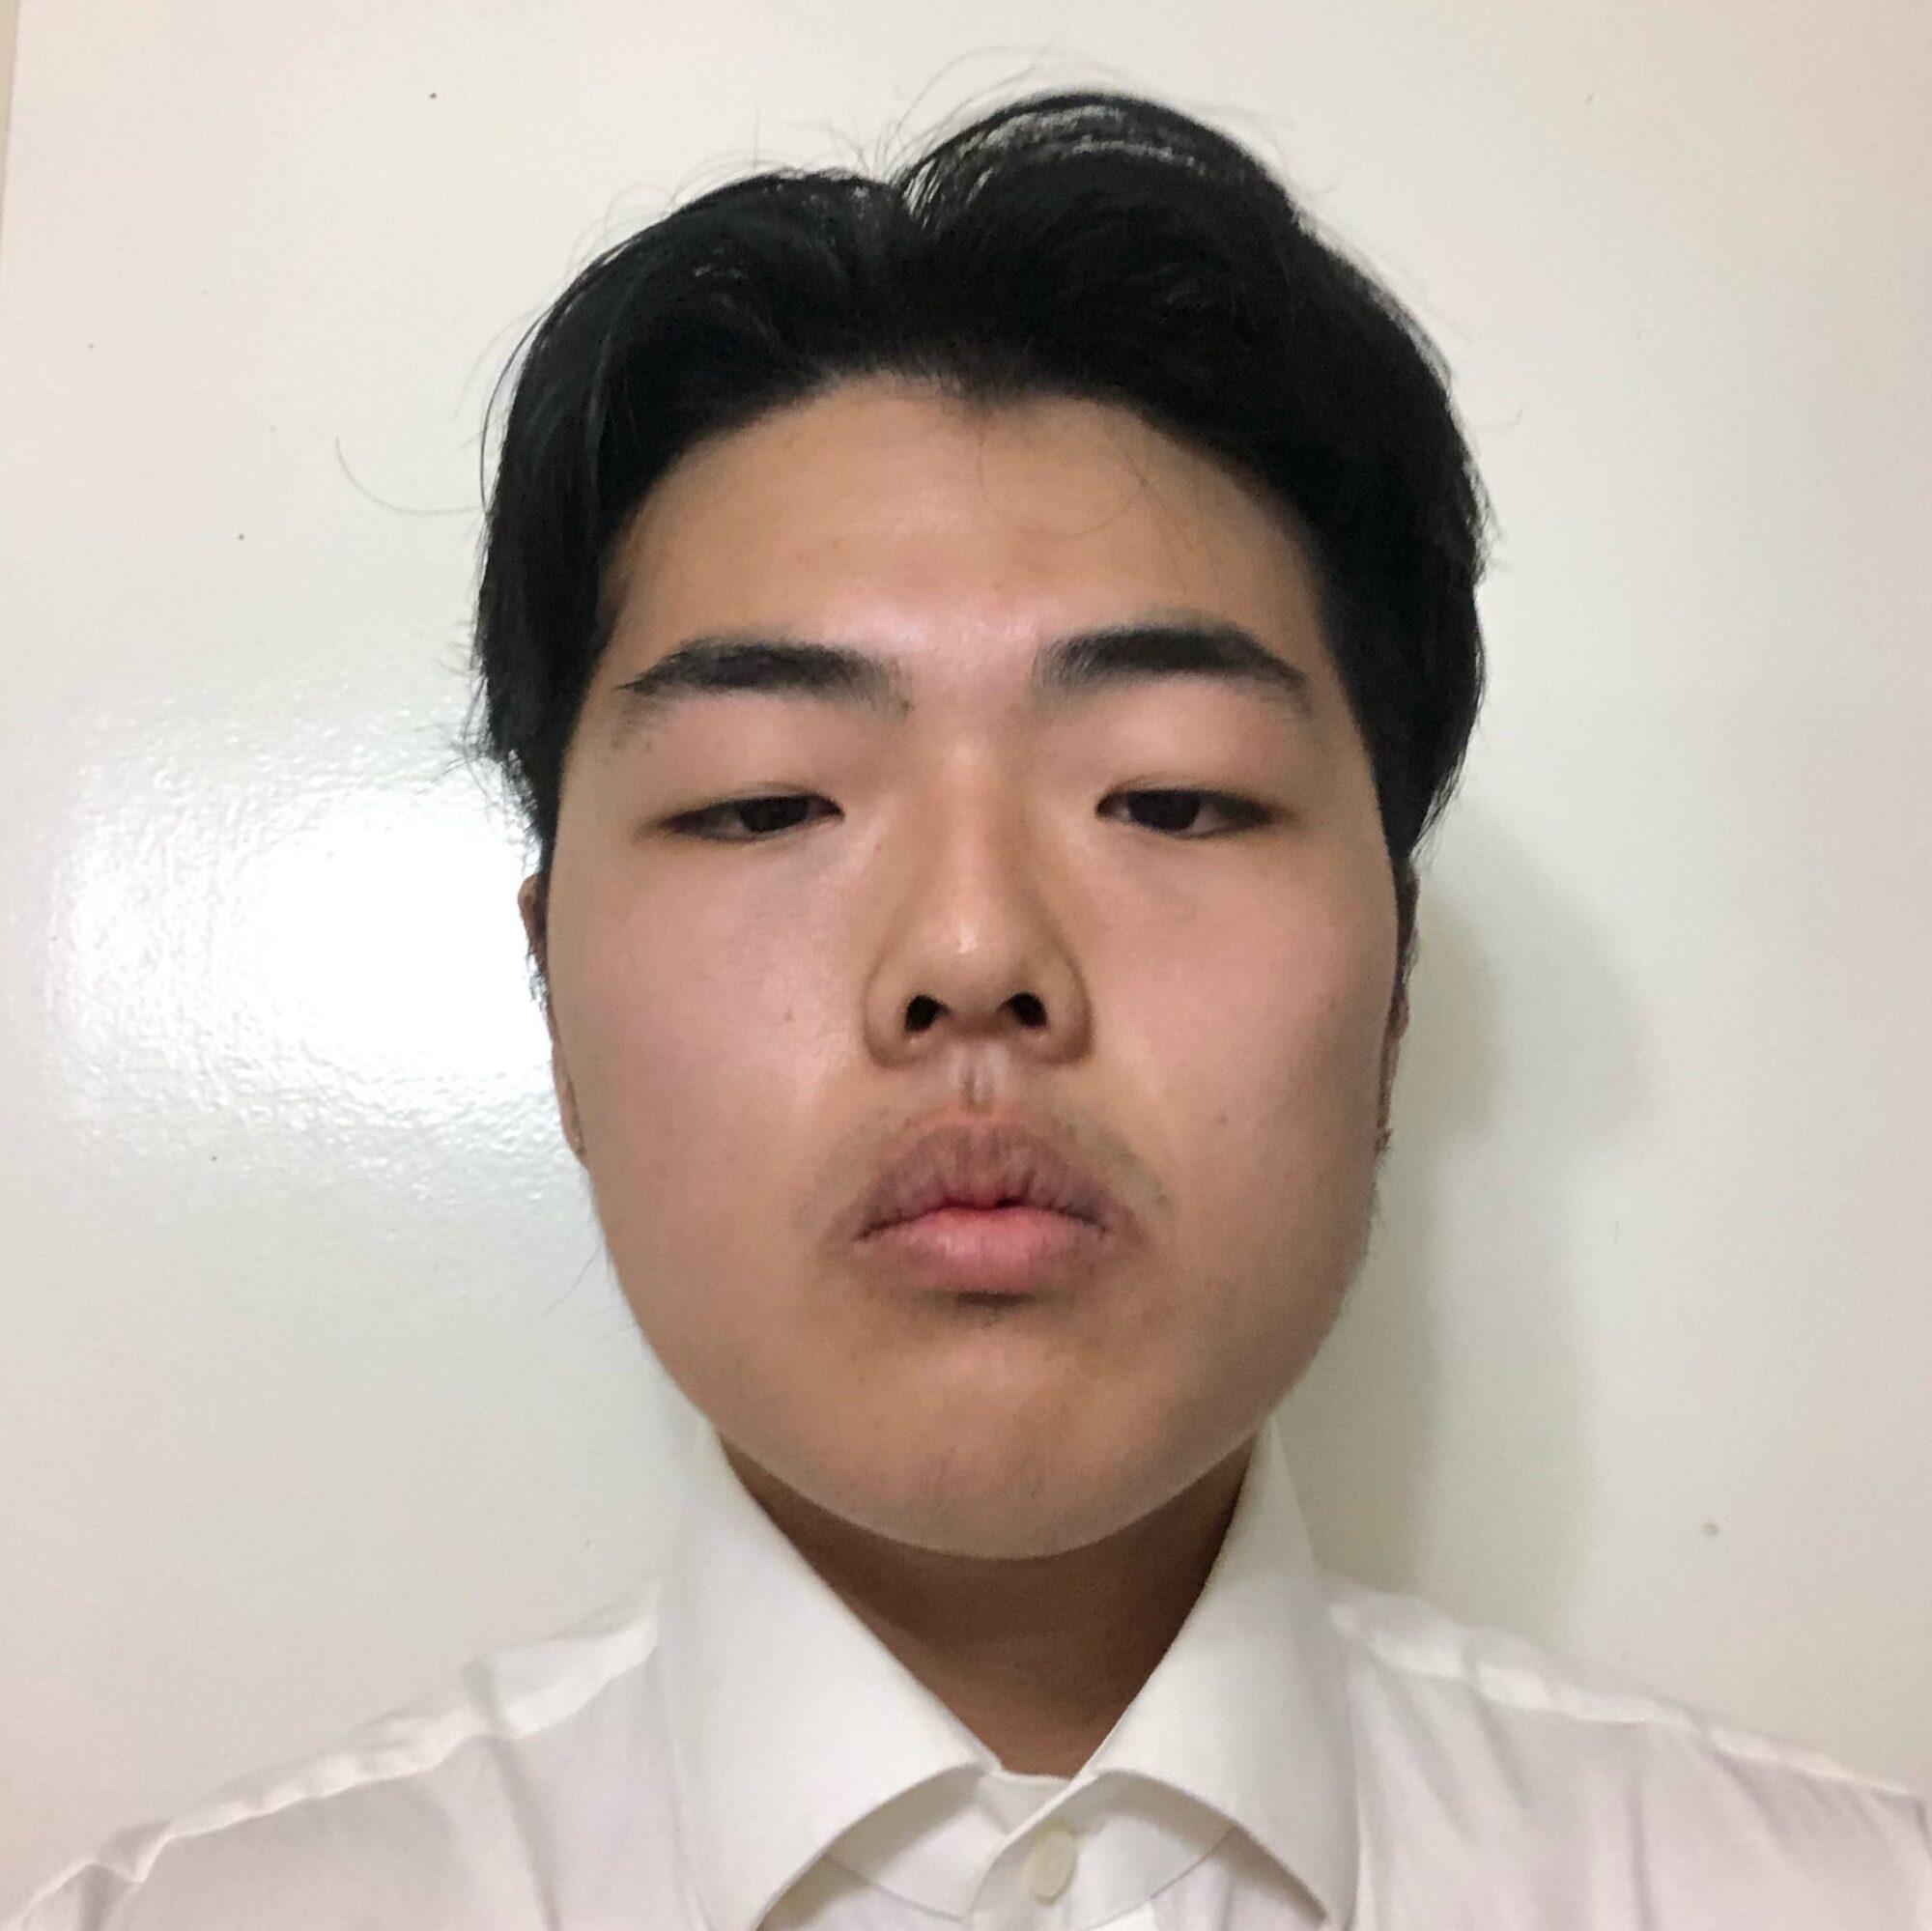 Nicholas Ahn